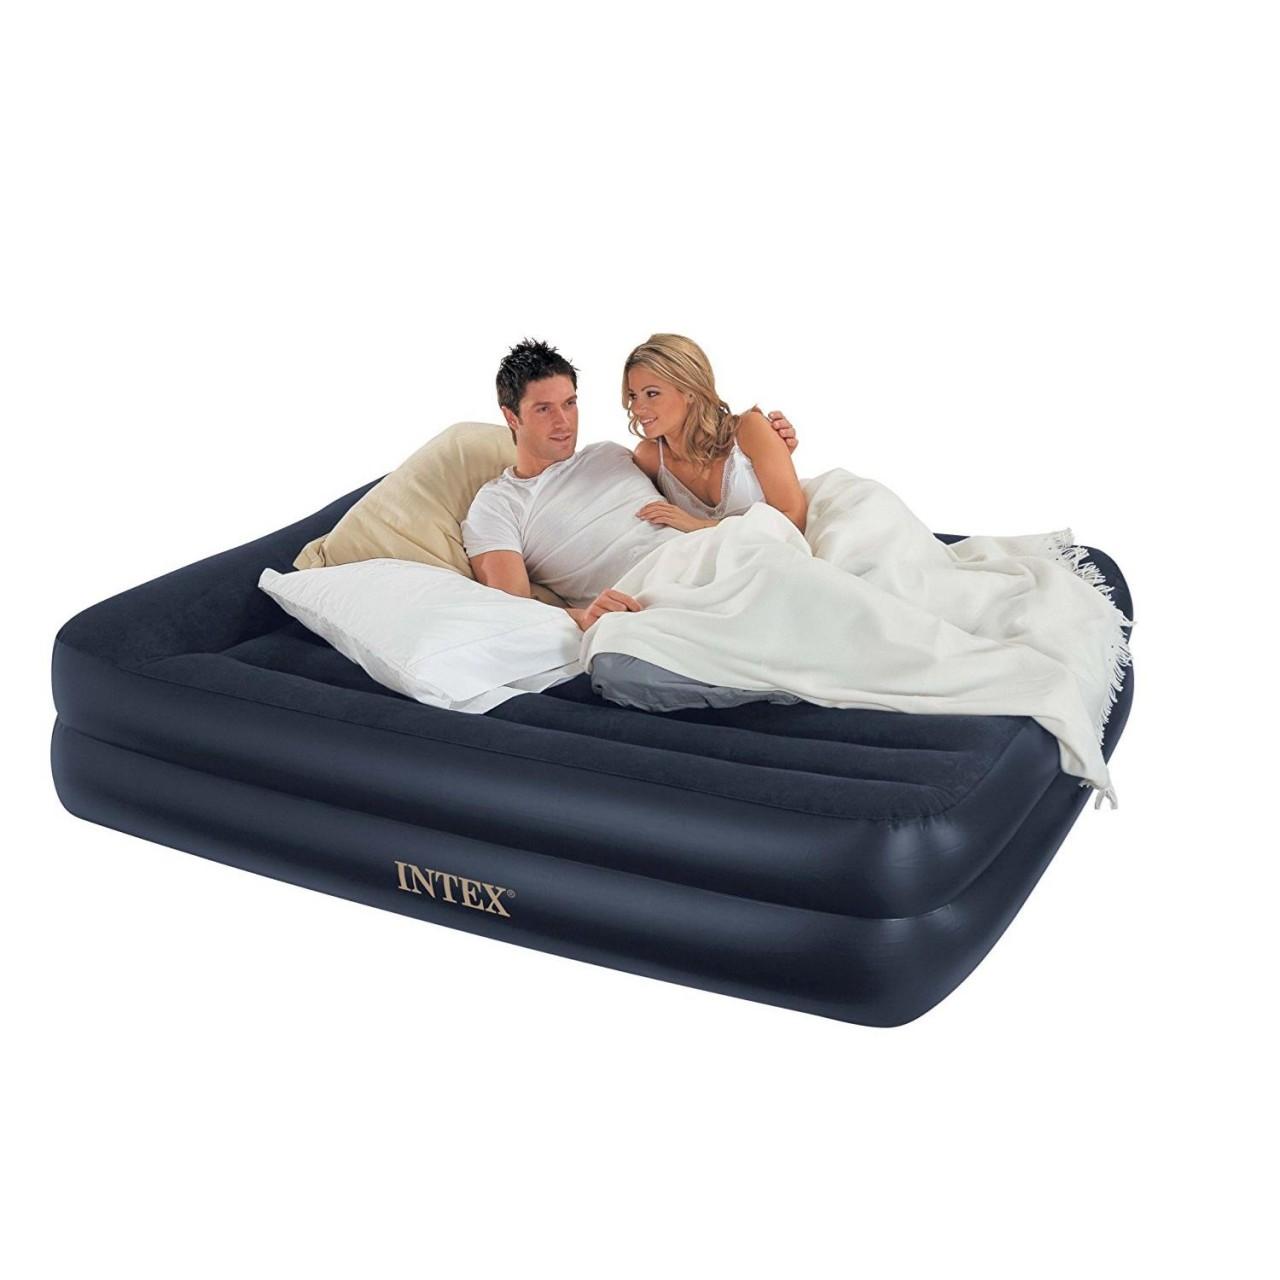 Intex 66702 Luftbett mit Pumpe Gästebett Matratze 152x203x42cm selbstaufblasend